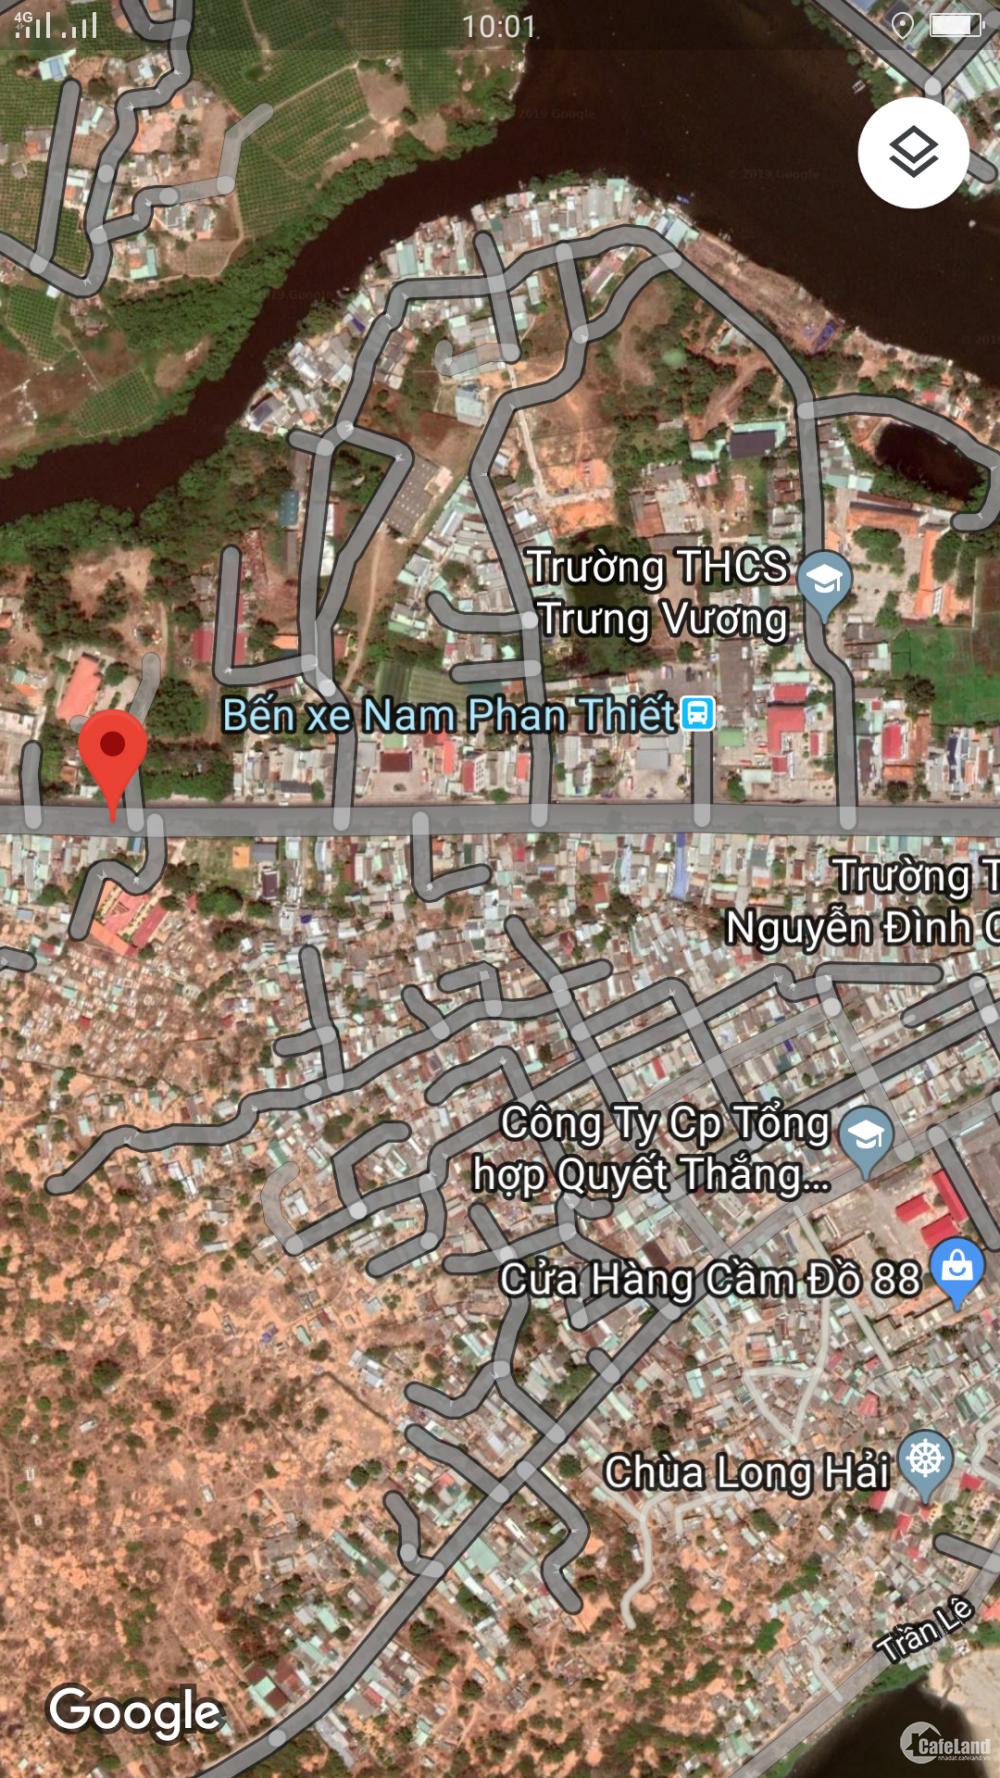 Bán gấp  nhà 150m mặt tiền Trần Quý cáp gần bến xe Nam Phan Thiết nhà hướng Đông